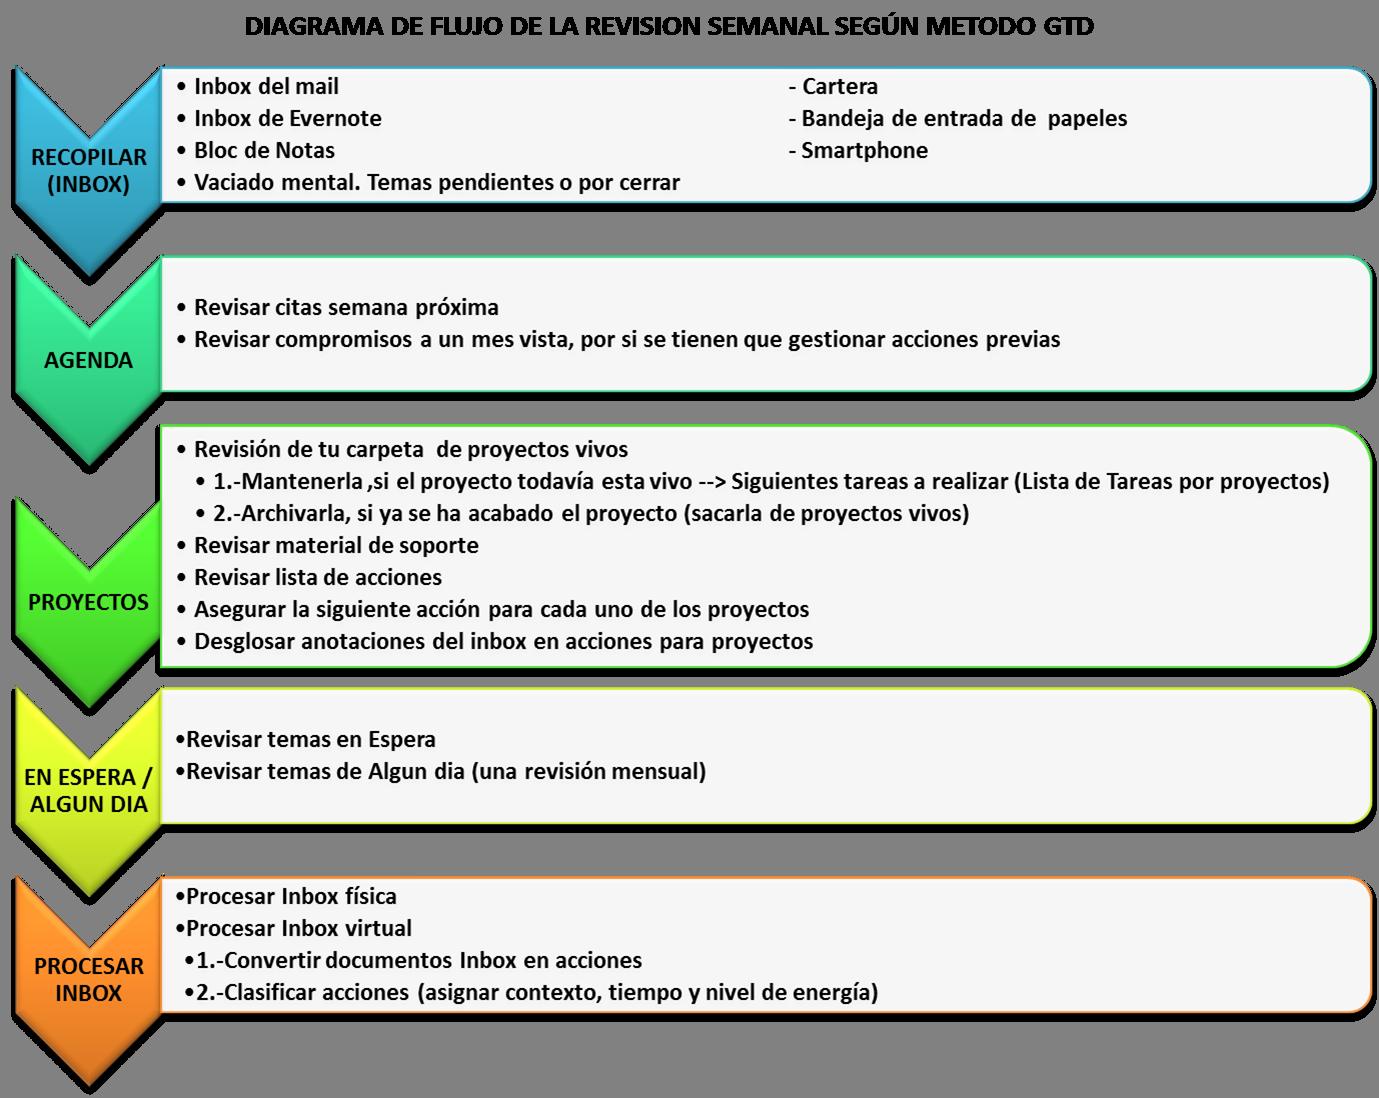 menosSmas: DIAGRAMA DE FLUJO DE LA REVISIÓN SEMANAL SEGÚN MÉTODO GTD